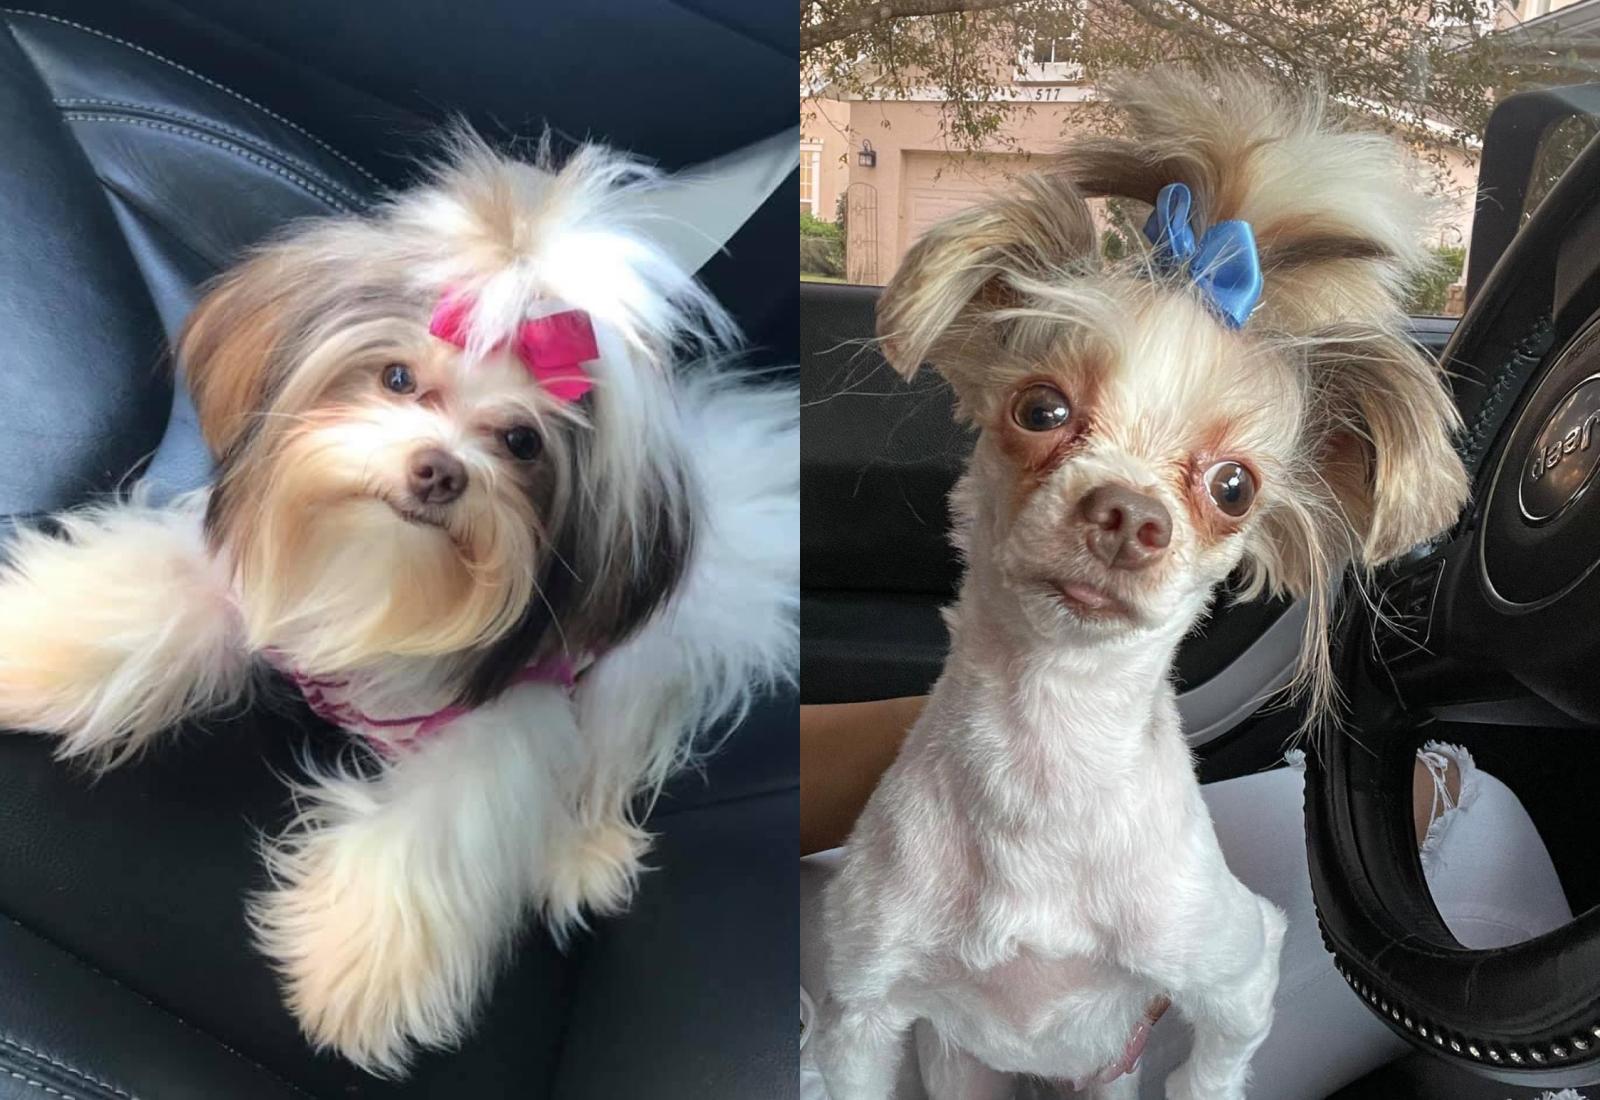 Питомец до и после стрижки. Фото © Twitter / REALBURTIIS